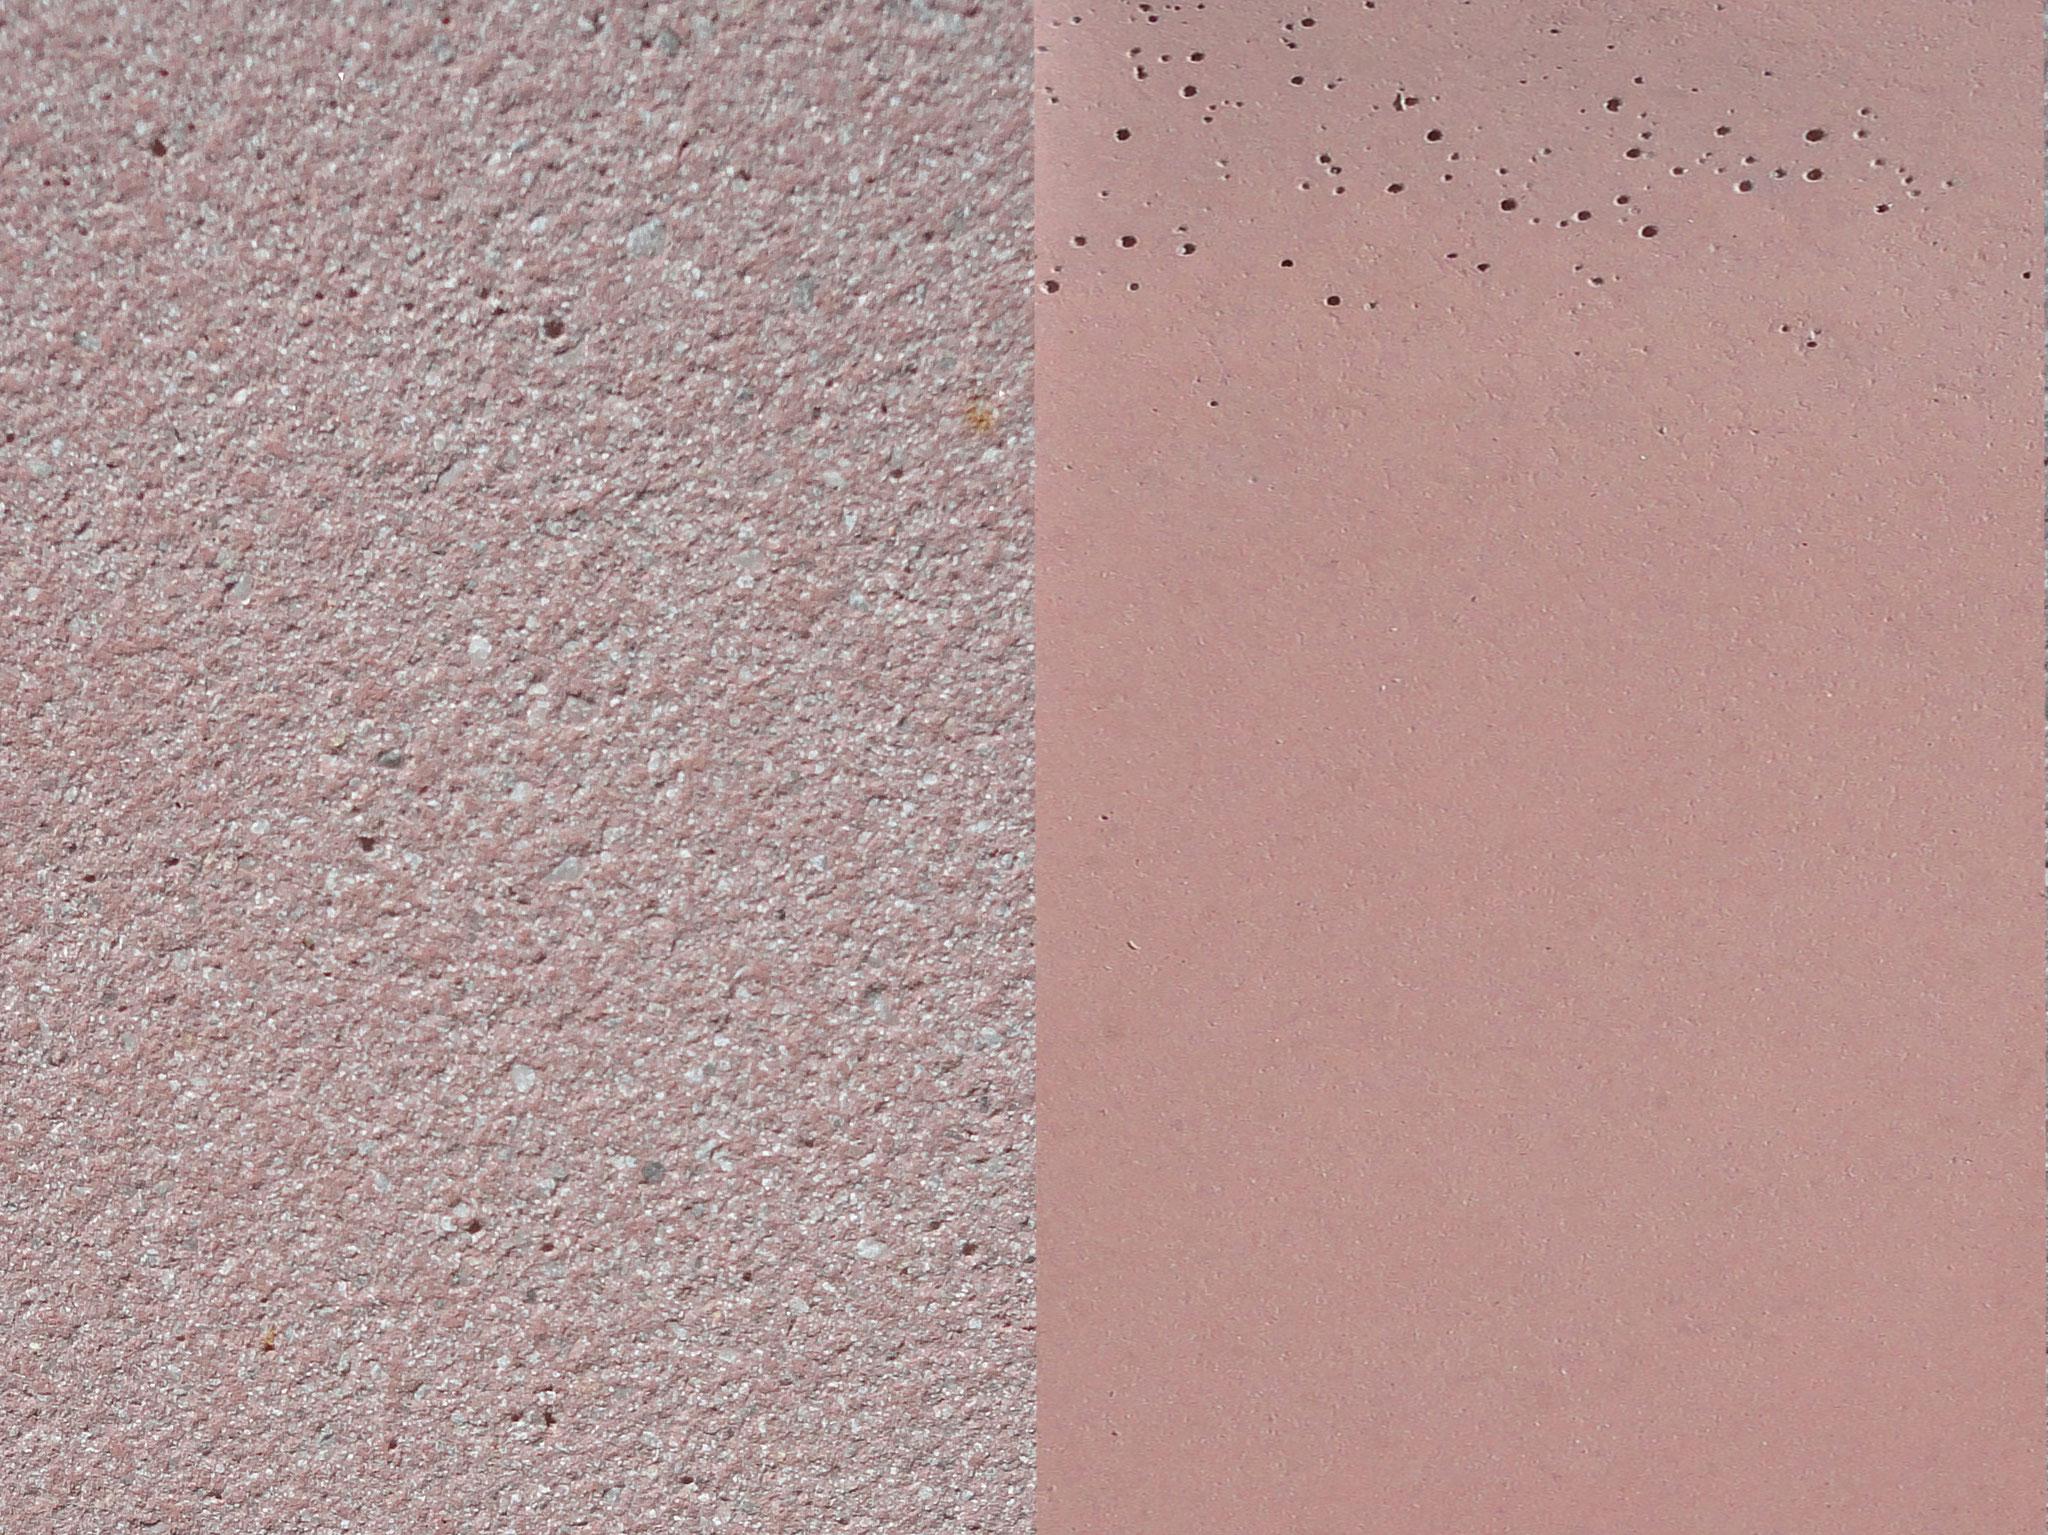 Fabe: Lachs, Farbnummer: 4, sandgestrahlt/schalrein